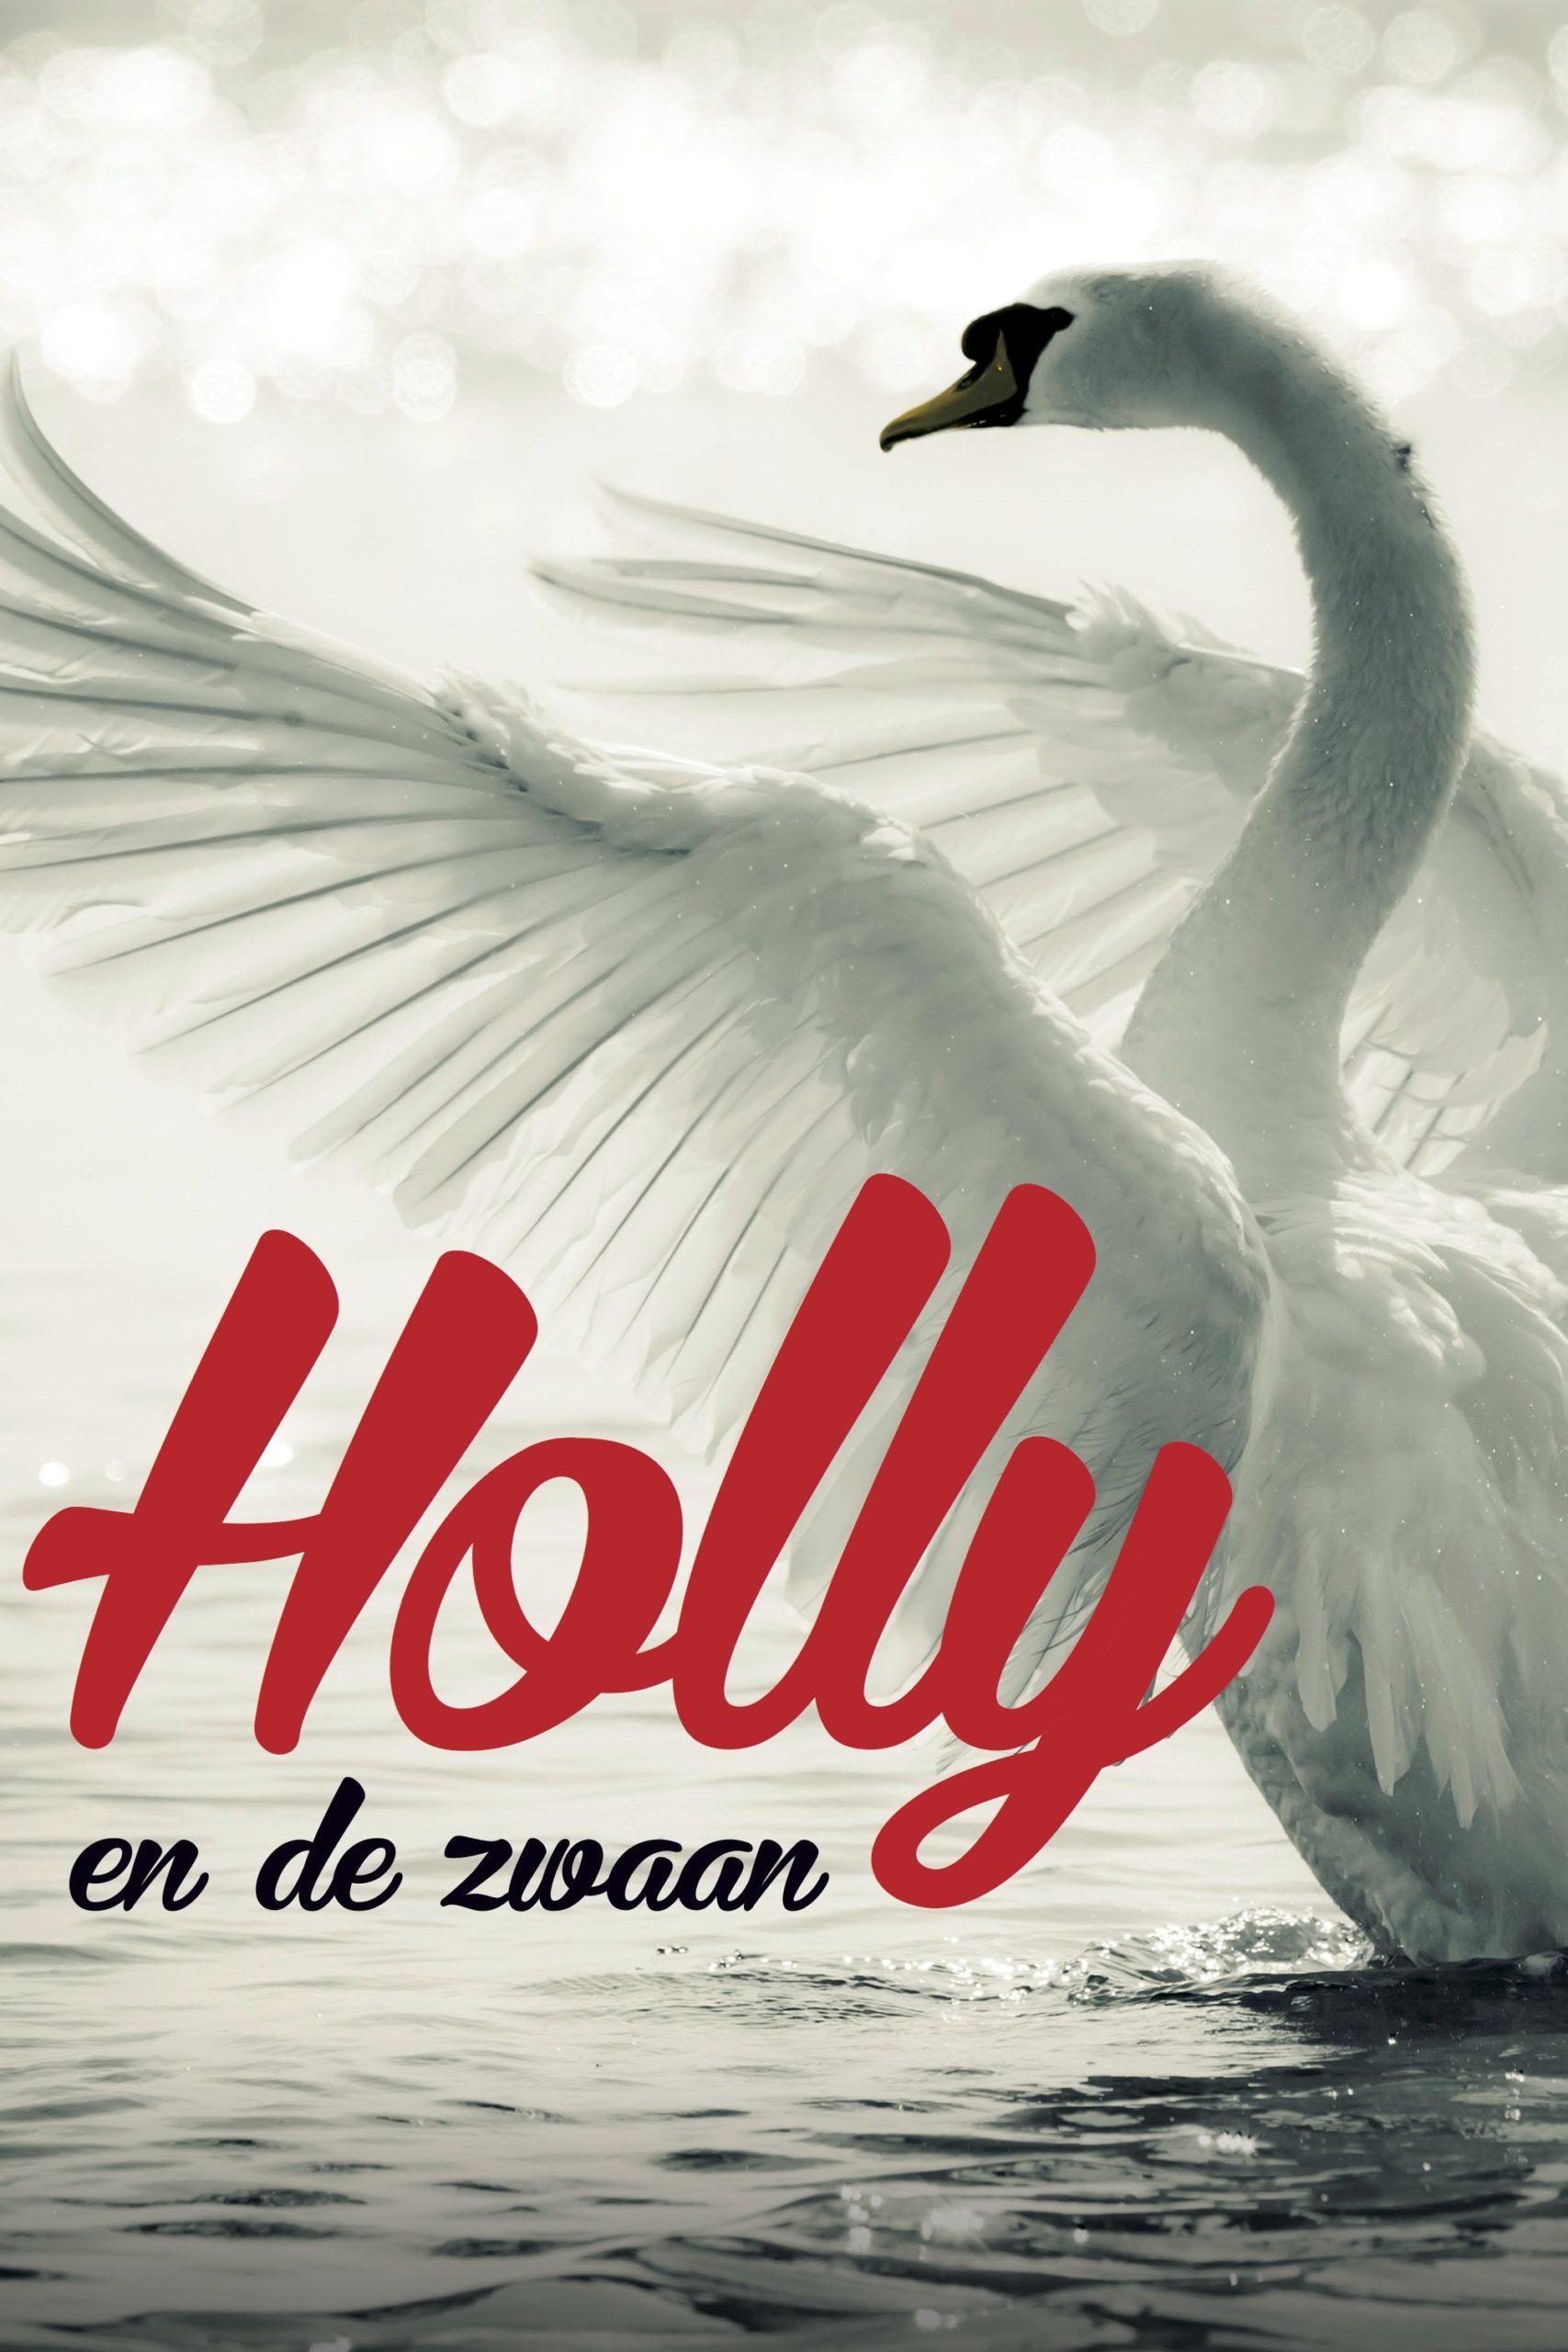 Holly en de zwaan